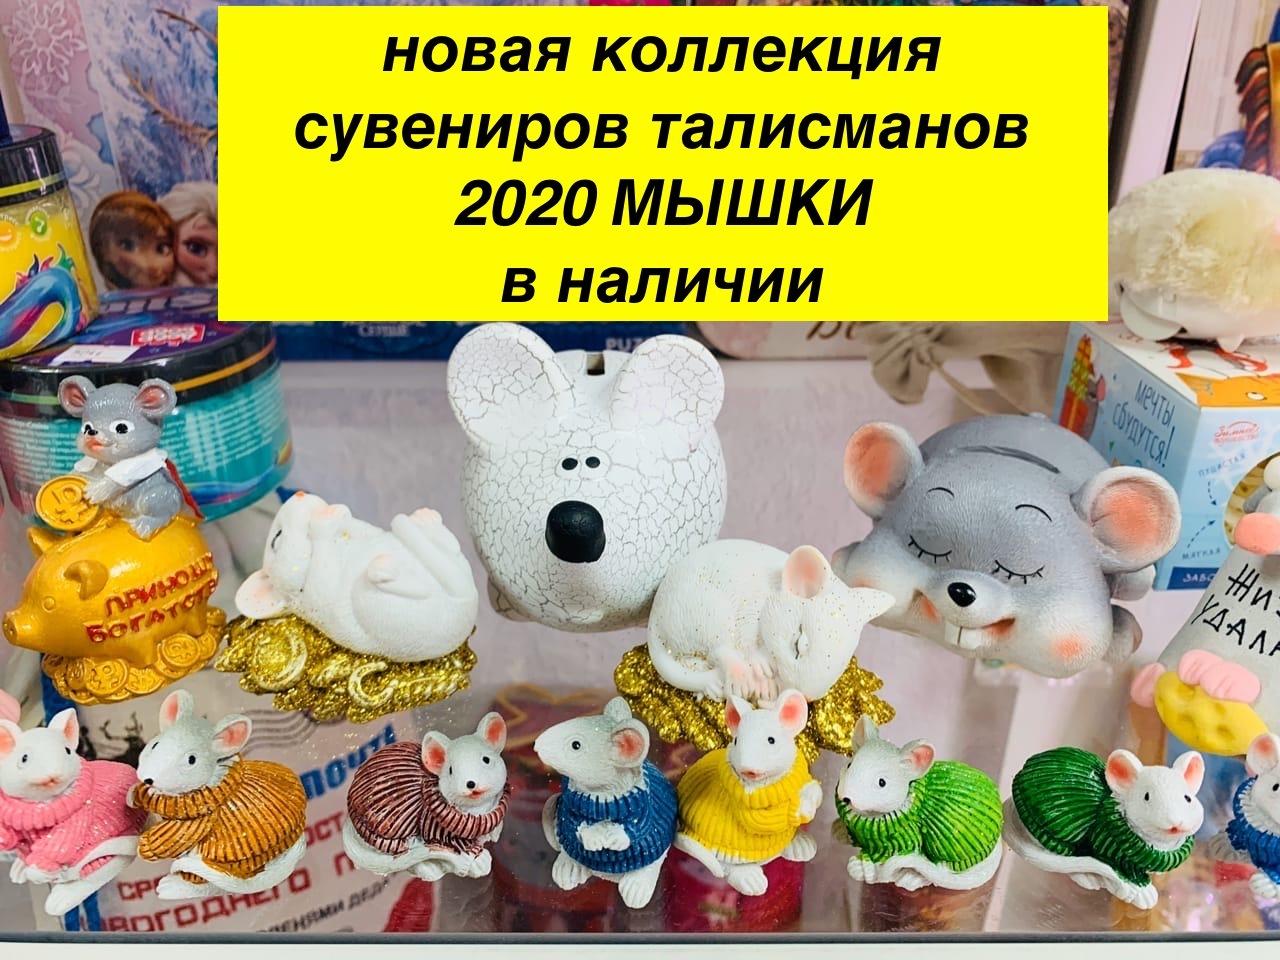 Сувениры мышки новогодние талисманы 2020 Мышата